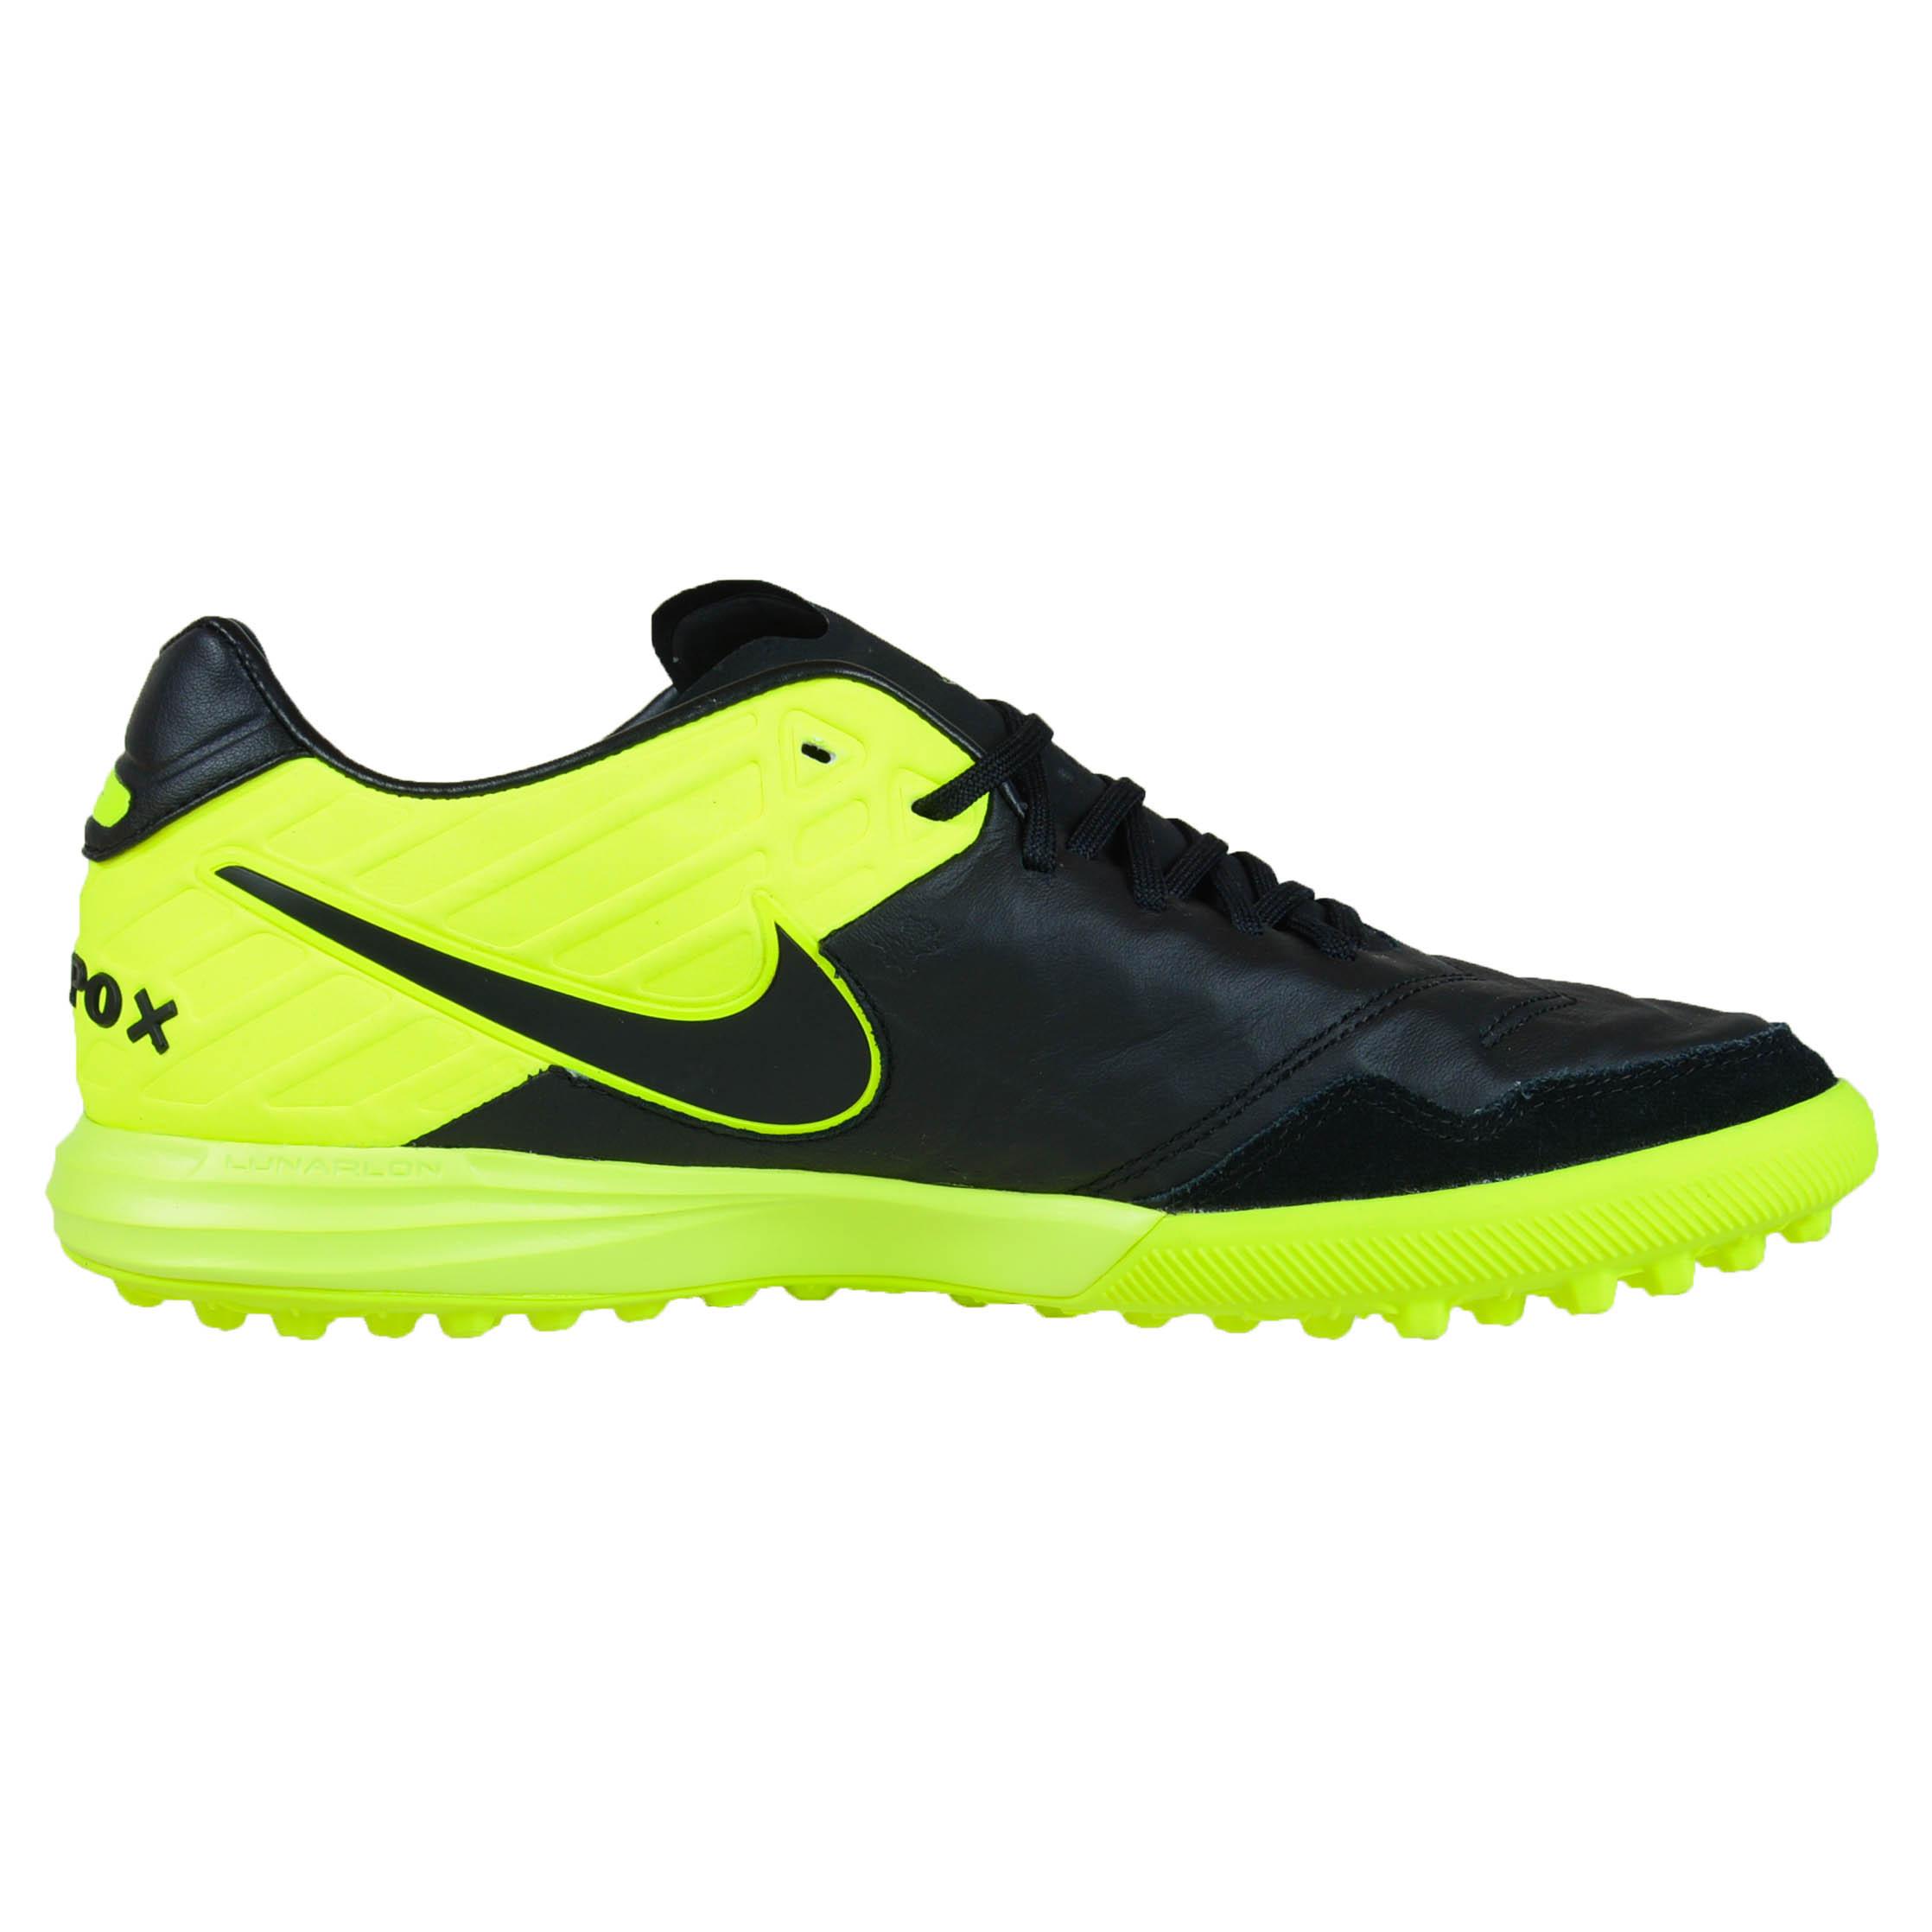 76d1d2361819 premier boots on sale   OFF37% Discounts